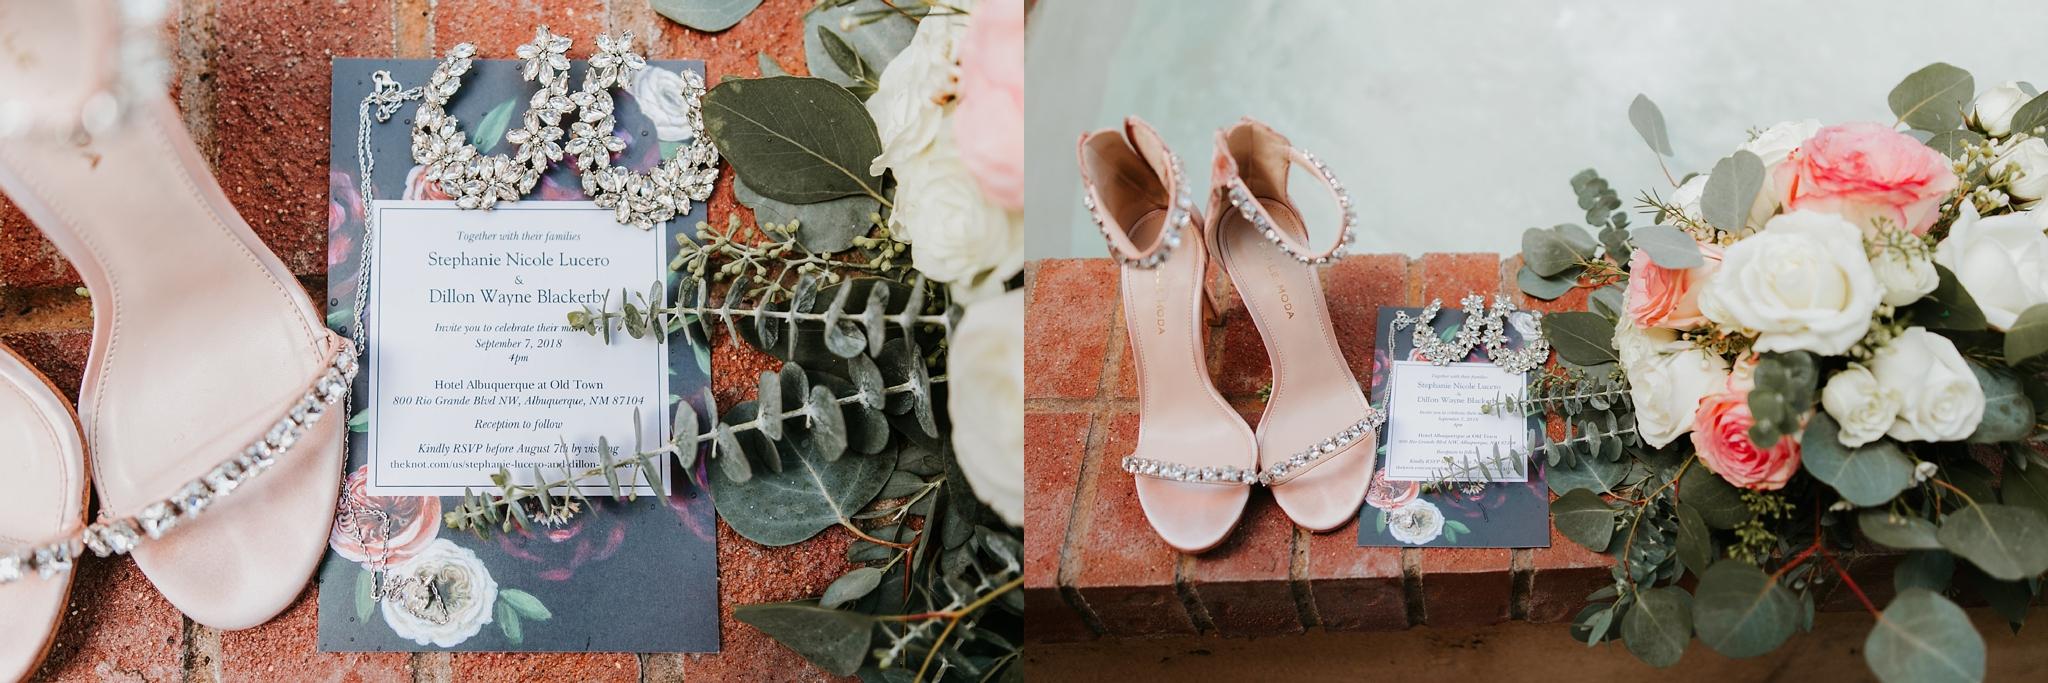 Alicia+lucia+photography+-+albuquerque+wedding+photographer+-+santa+fe+wedding+photography+-+new+mexico+wedding+photographer+-+new+mexico+wedding+-+wedding+invitations+-+invitation+suite+-+wedding+inspo_0062.jpg